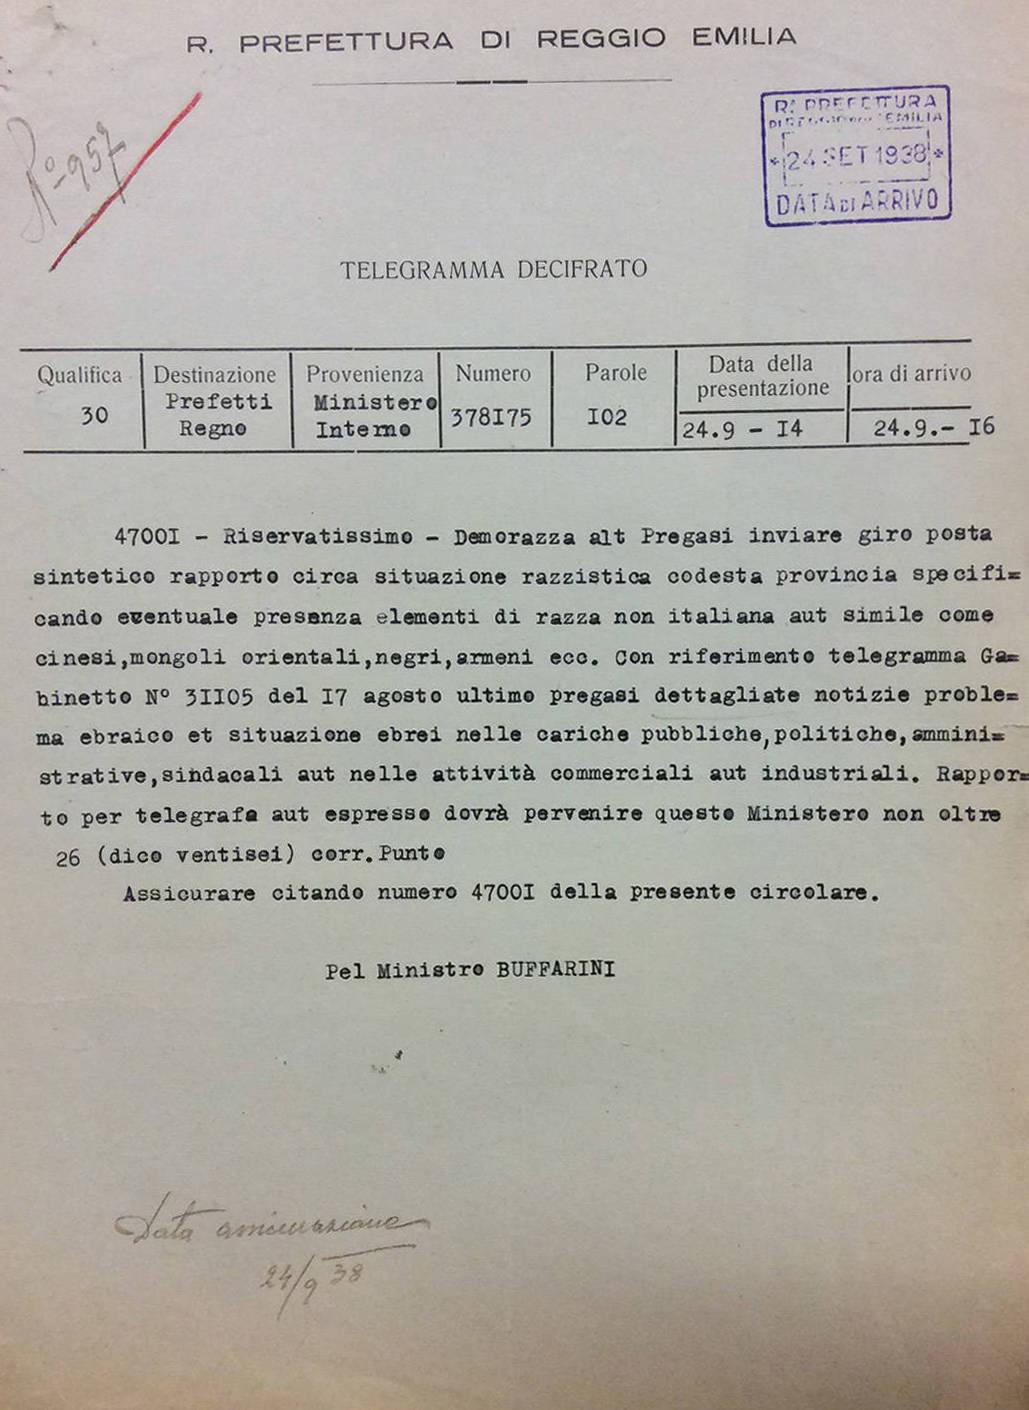 """TELEGRAMMA ALLA REGIA PREFETTURA DI REGGIO EMILIA FIRMATO DAL MINISTRO BUFFARINI, SULLA SITUAZIONE """"RAZZISTICA"""" DELLA PROVINCIA"""